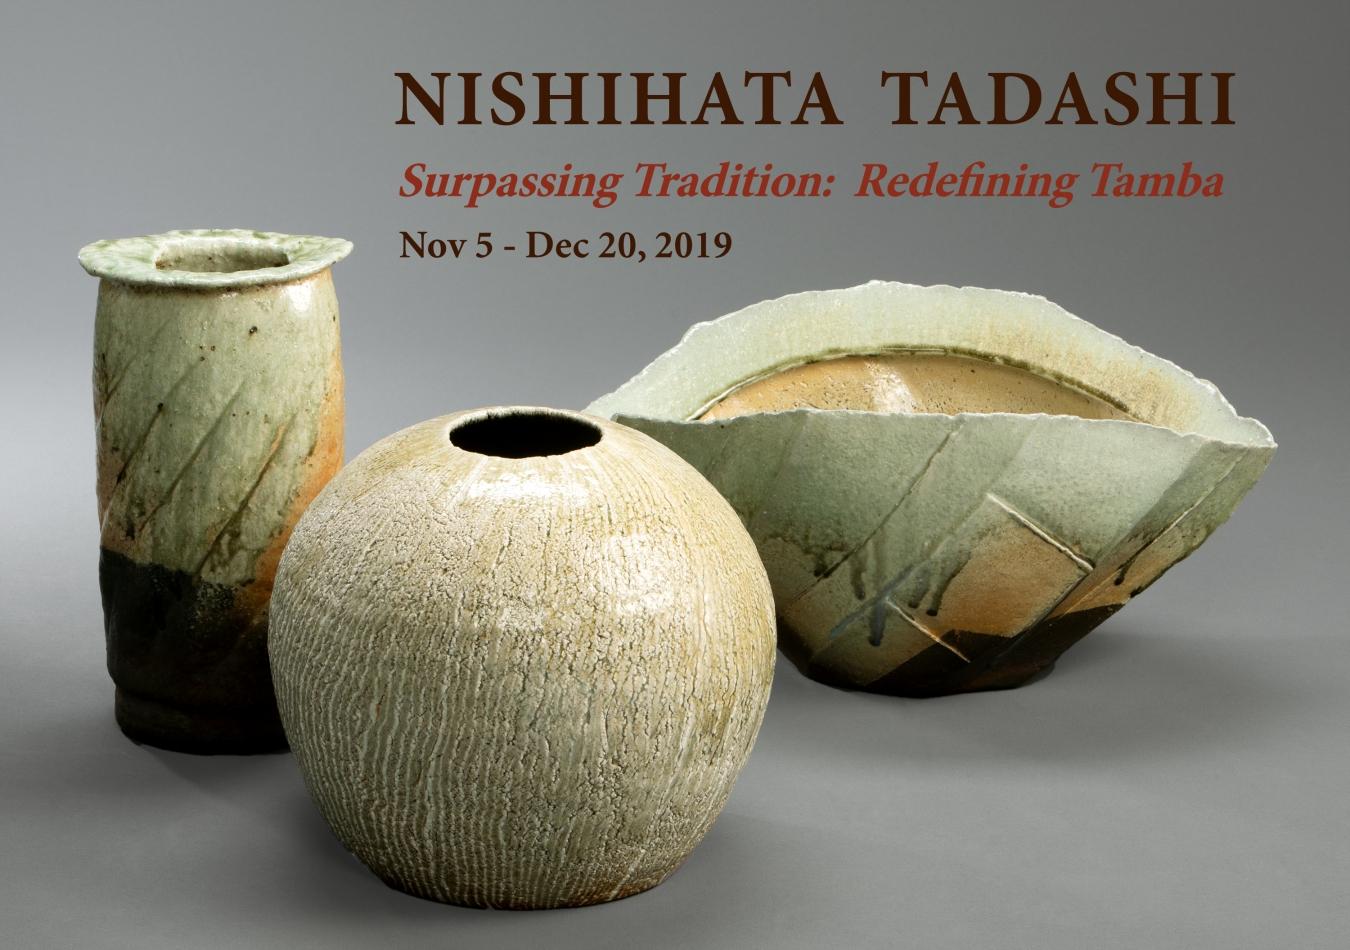 Nishihata Tadashi, Surpassing Tradition: Redefining Tamba